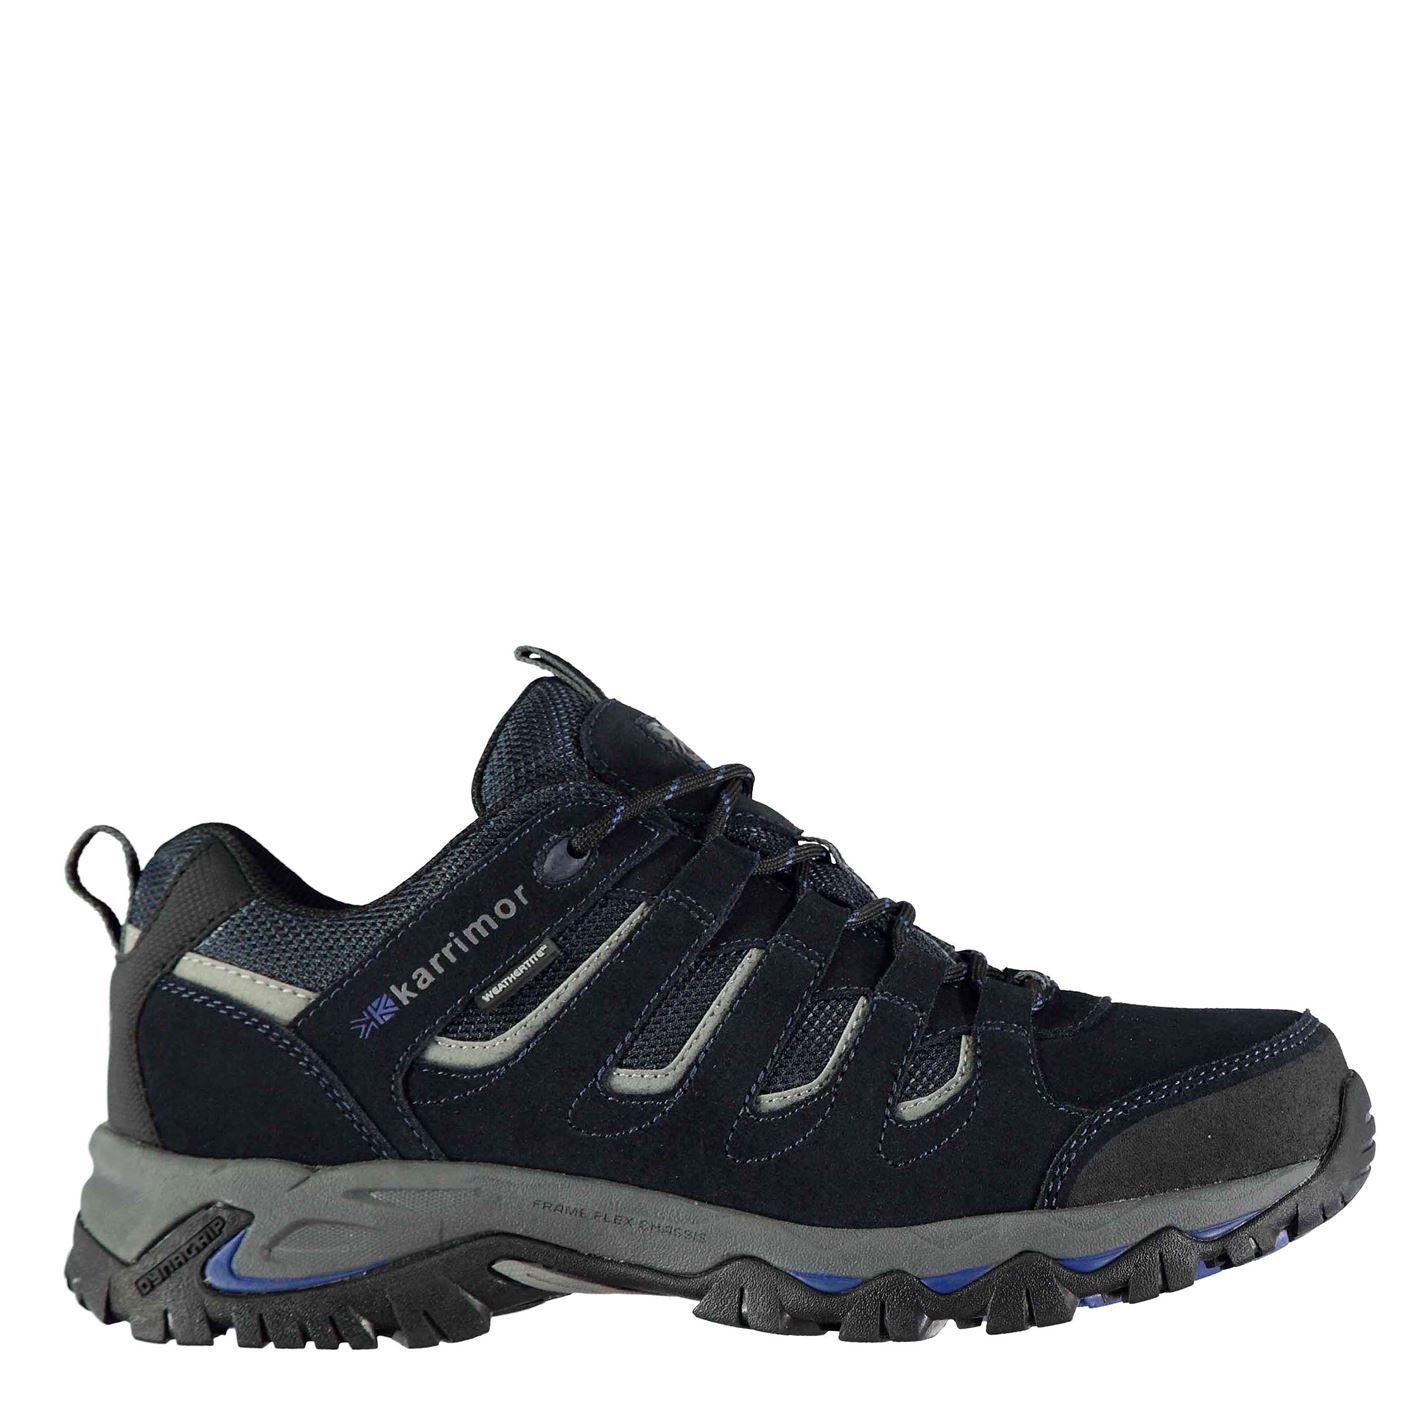 Karrimor Mens Mount Low Walking Shoes Lace Up Treking Hiking Weathertite